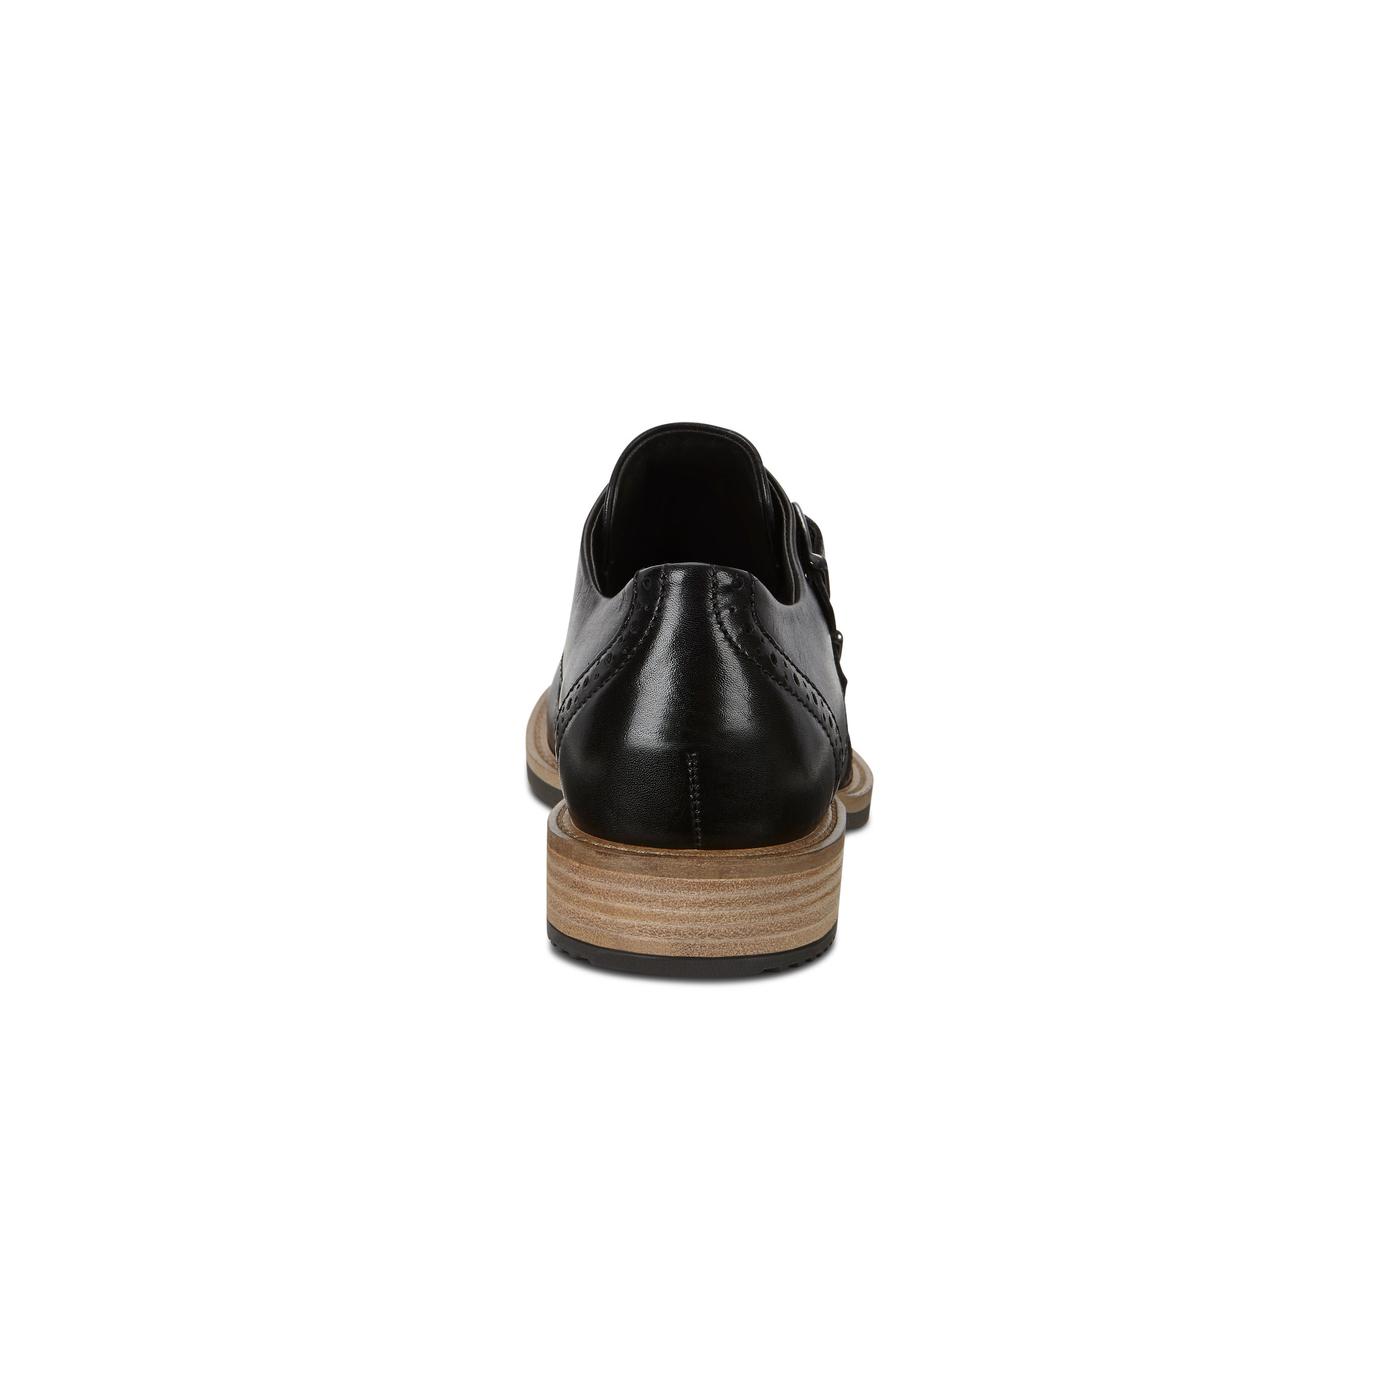 ECCO Sartorelle 25 Tailored Monk Strap